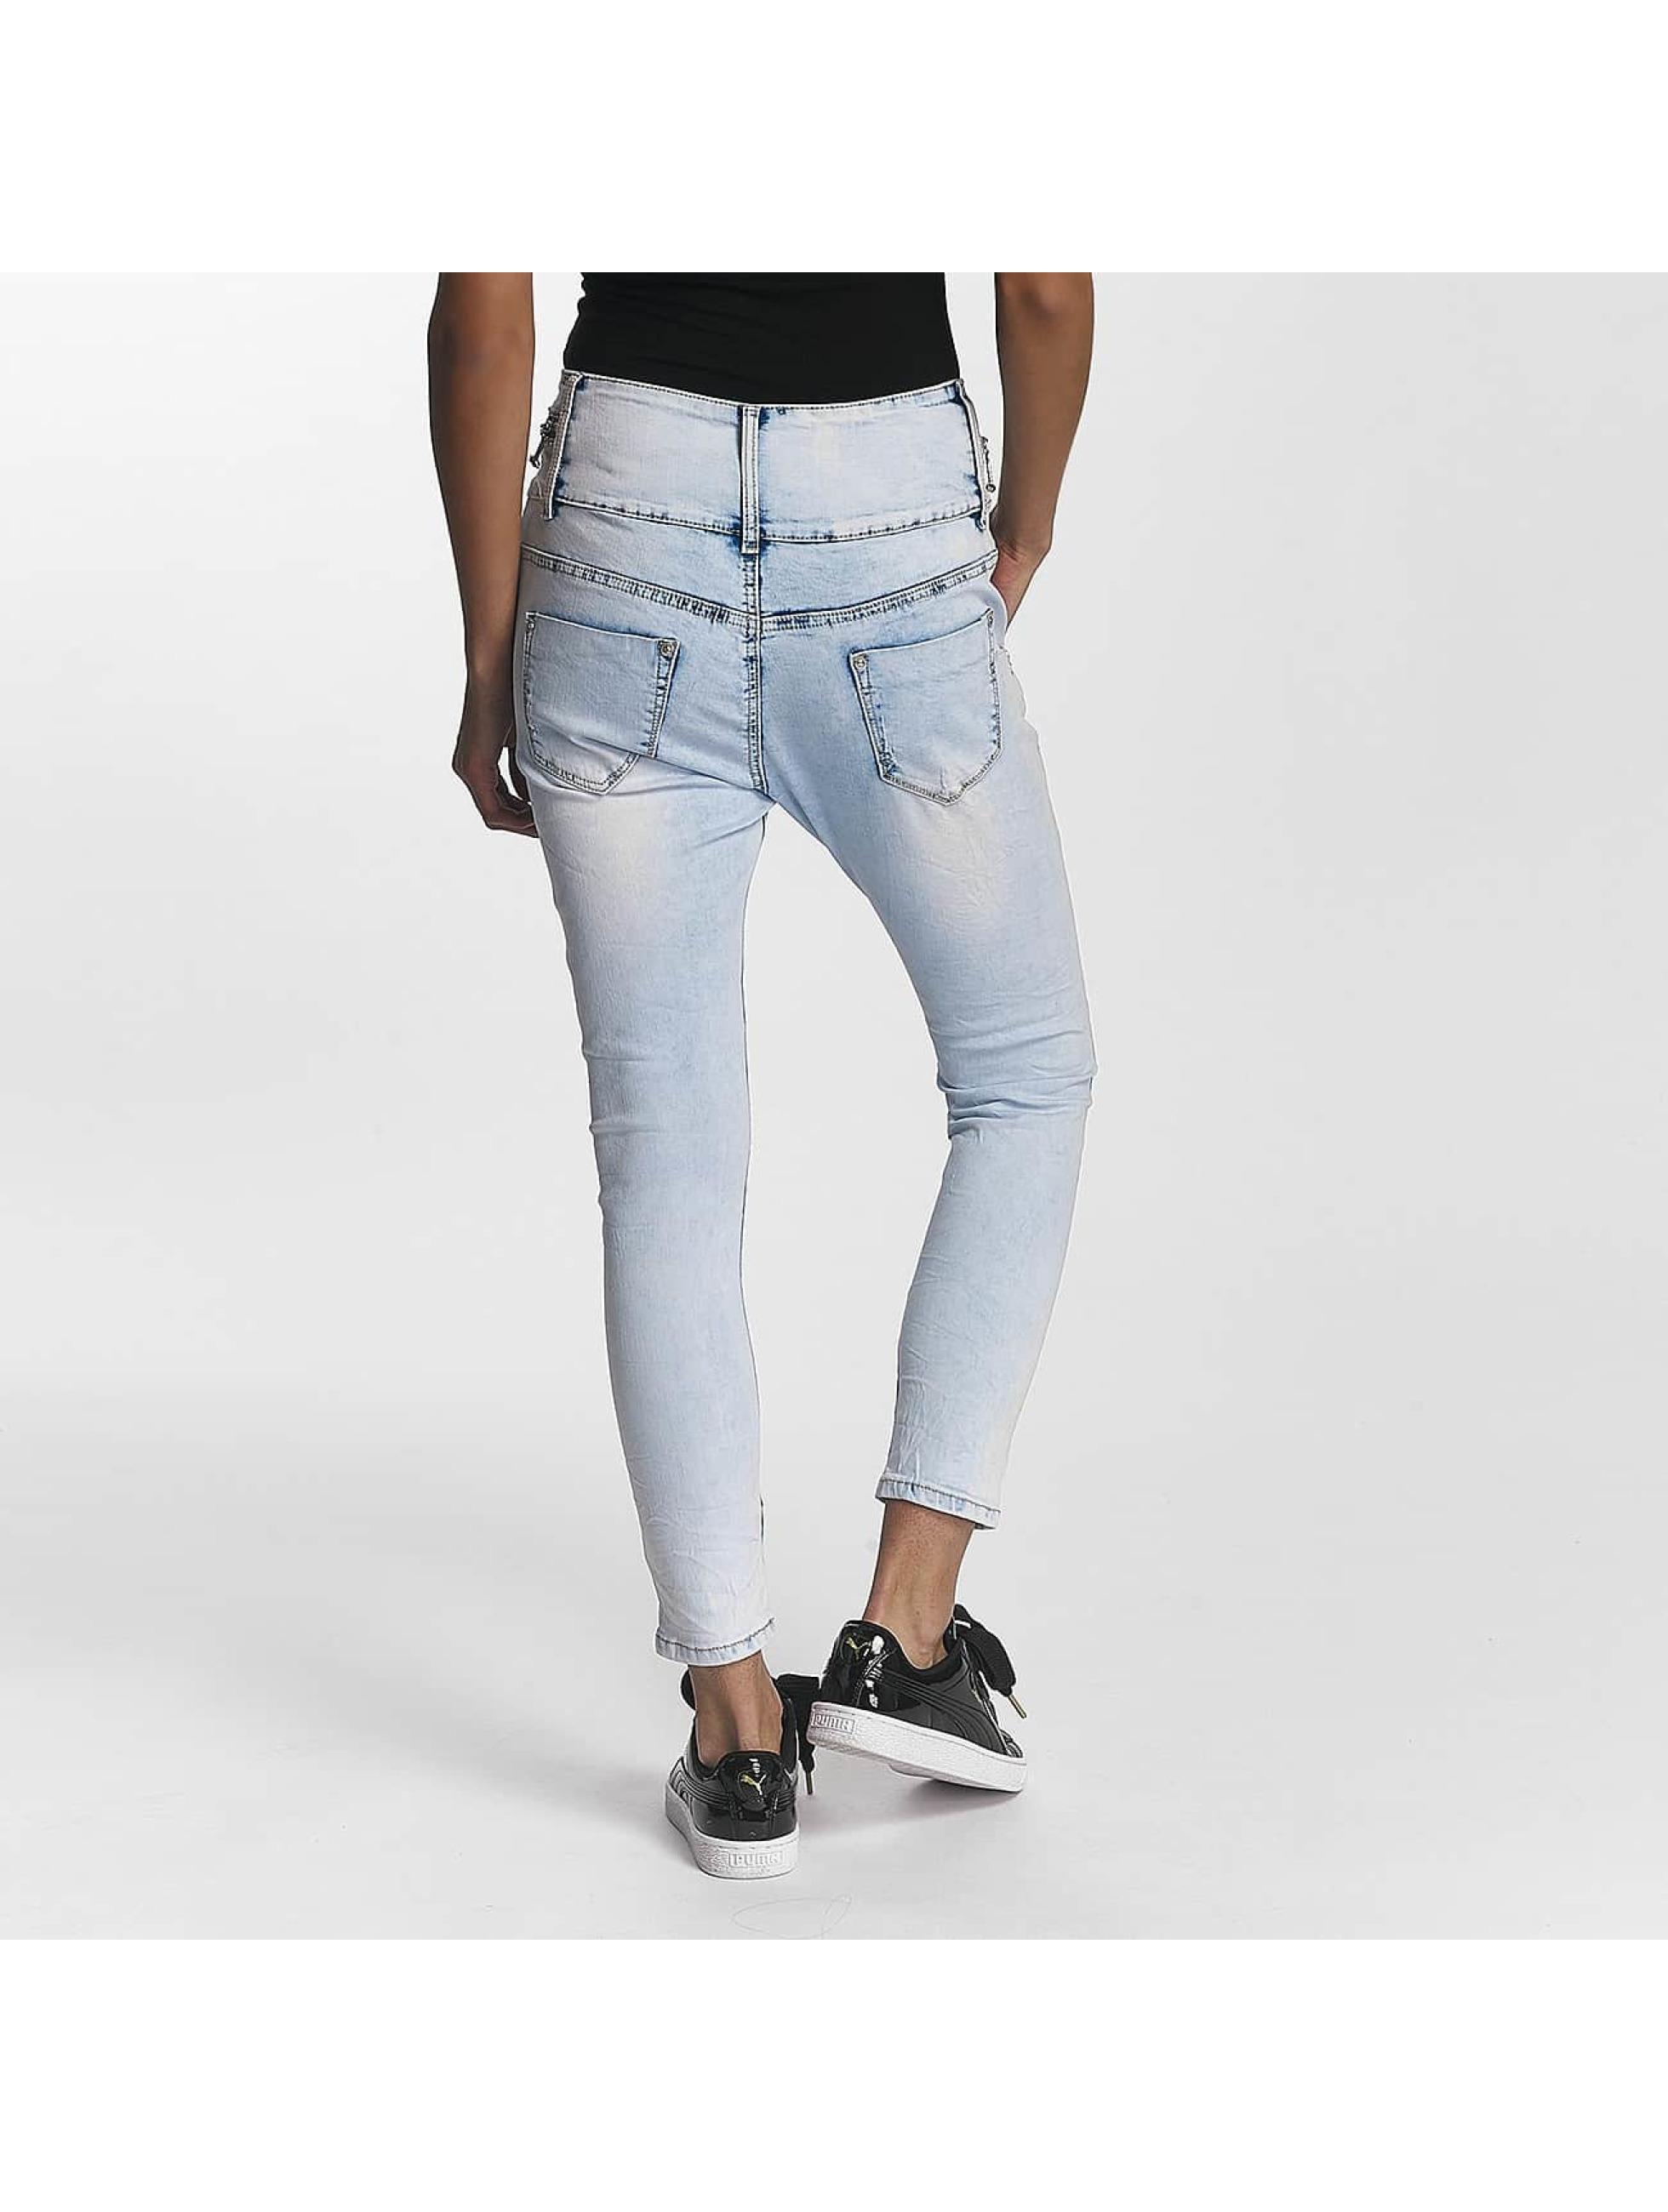 Leg Kings Jean Boyfriend Reality Fashion bleu